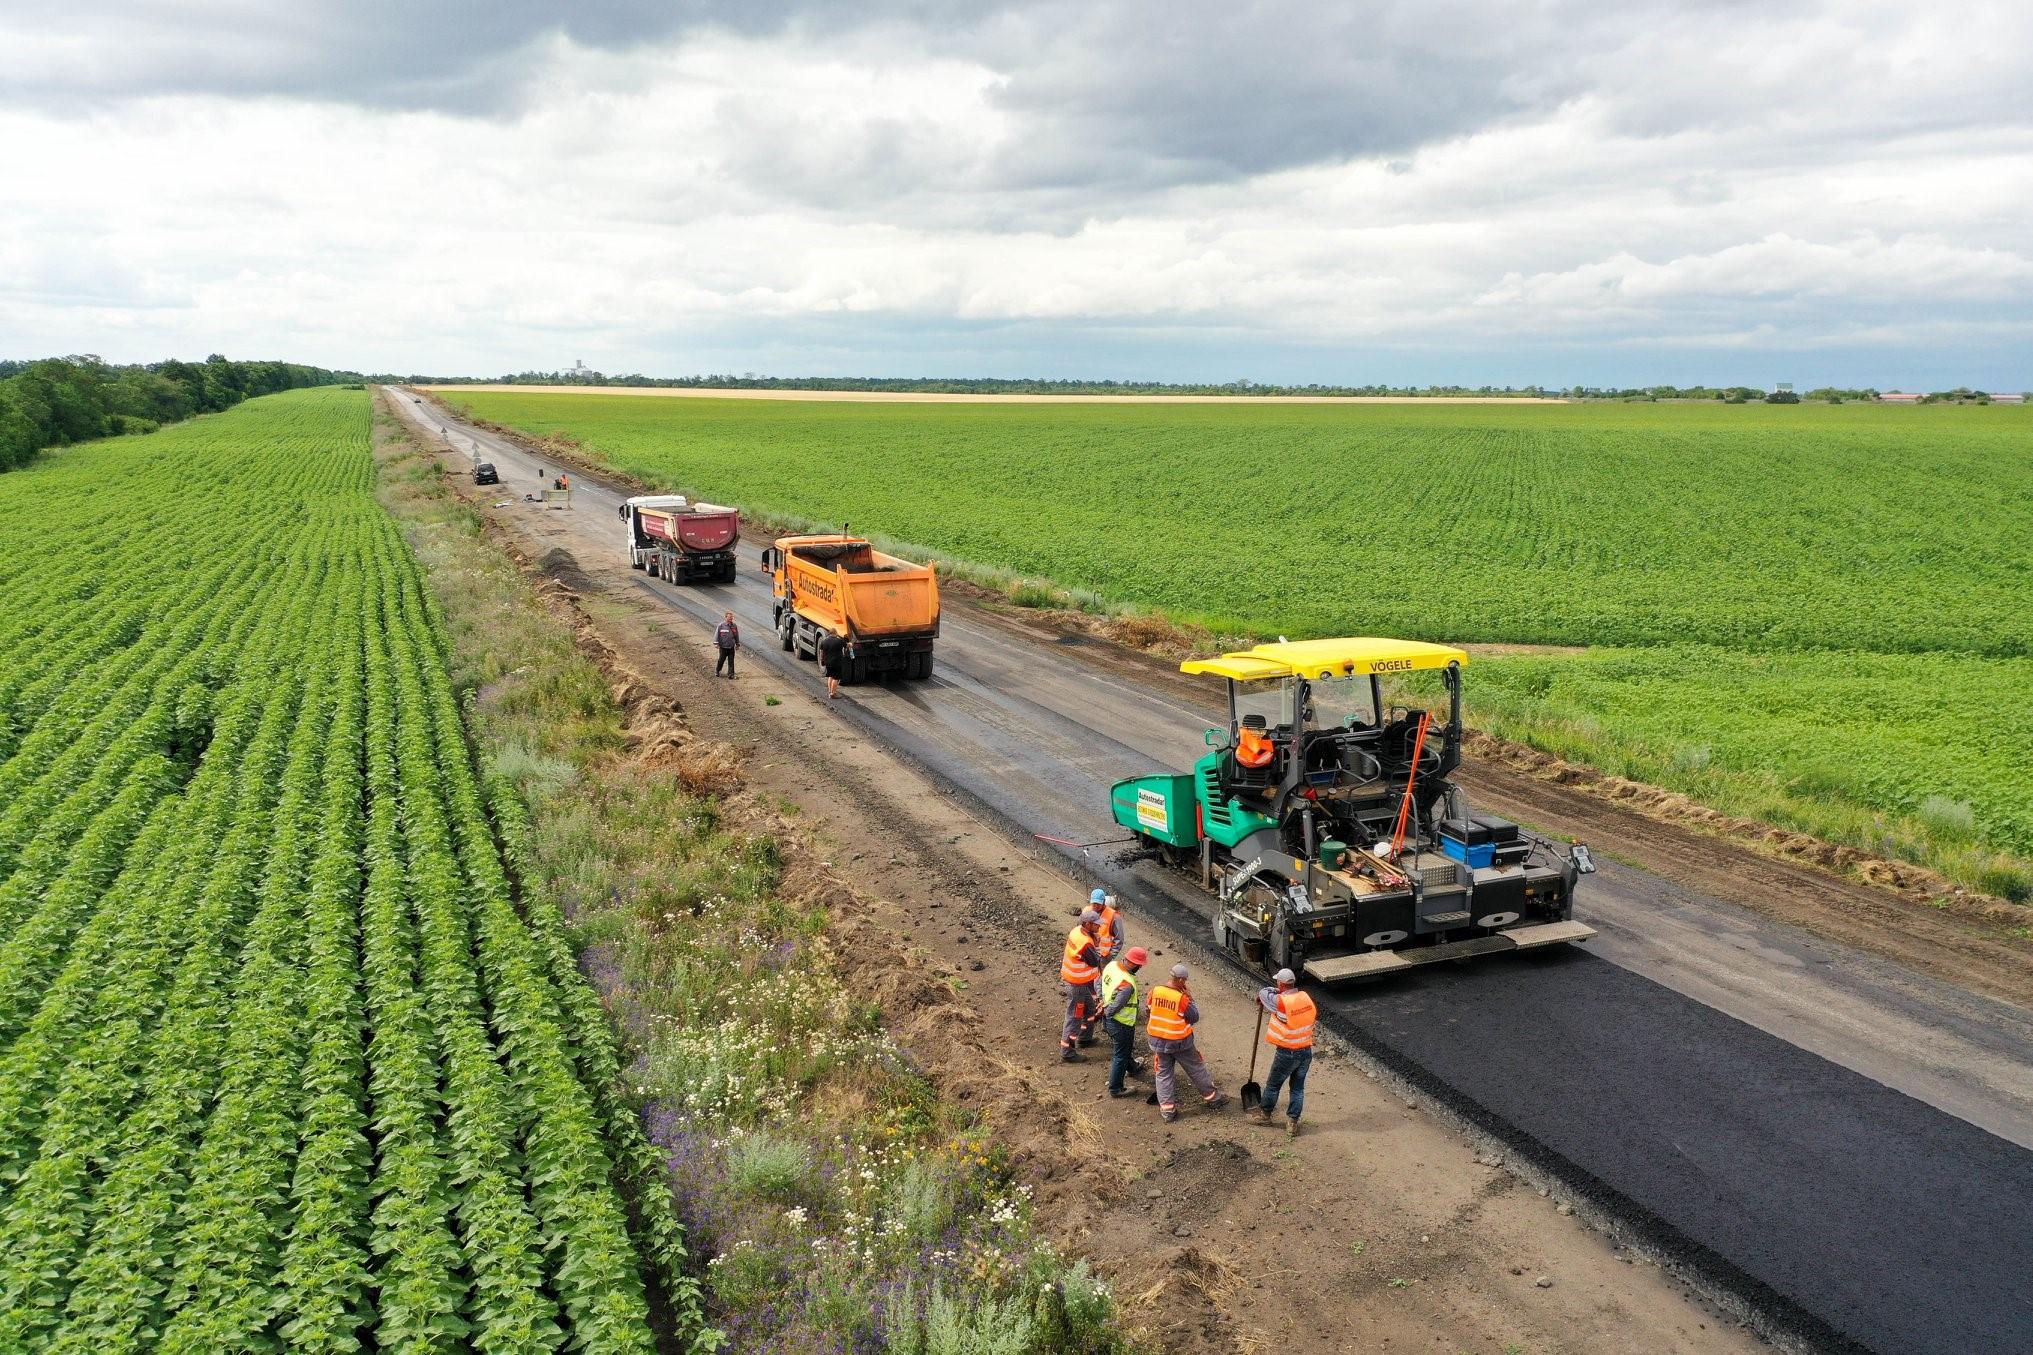 На Днепропетровщине стартует ремонт трассы. Новости Днепра